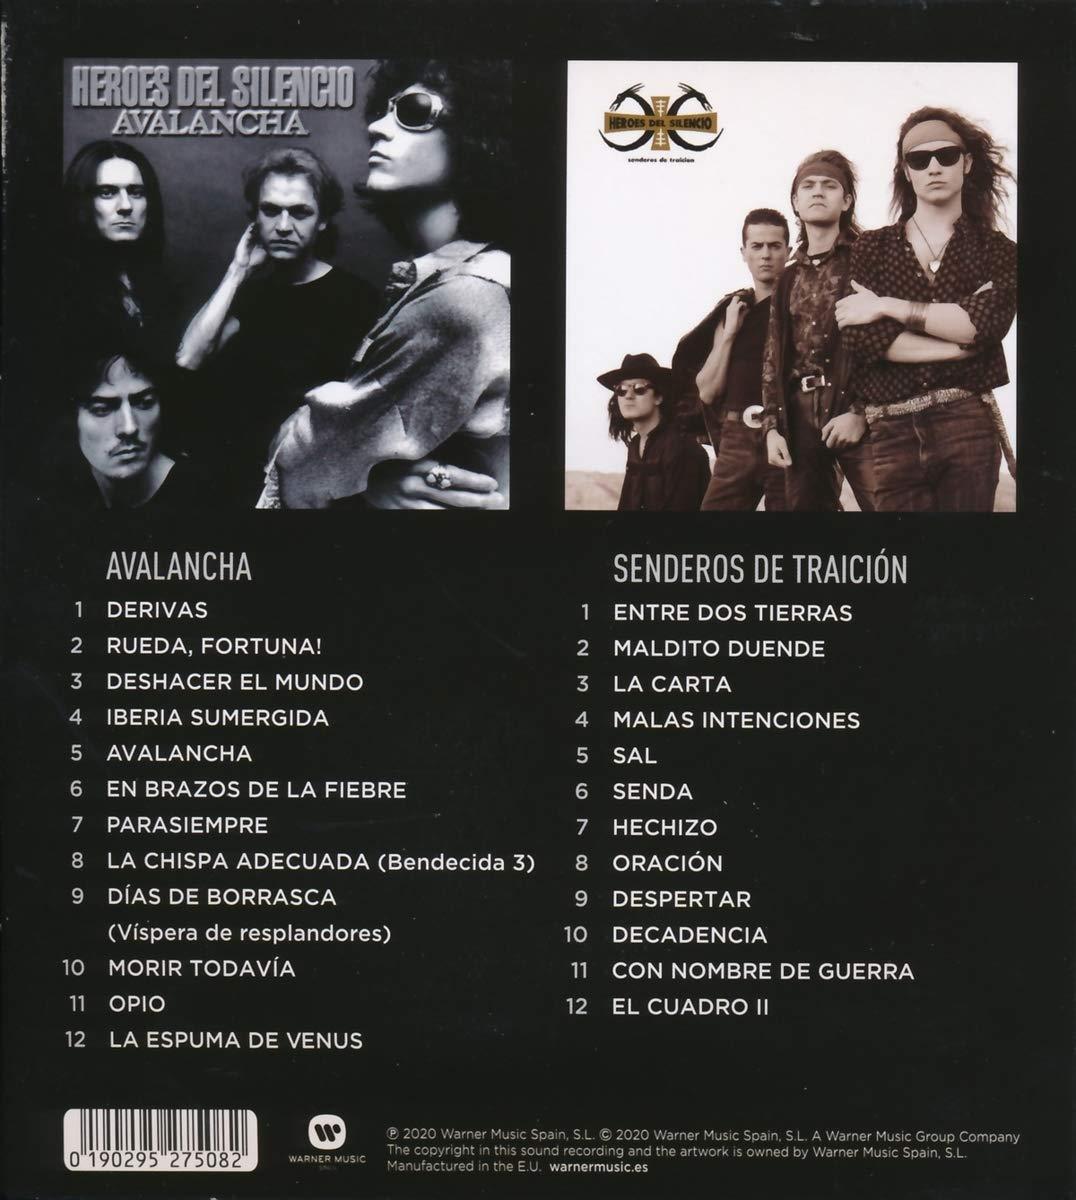 Heroes Del Silencio Héroes Del Silencio Avalancha Senderos De Traicion 2cd Originales Music